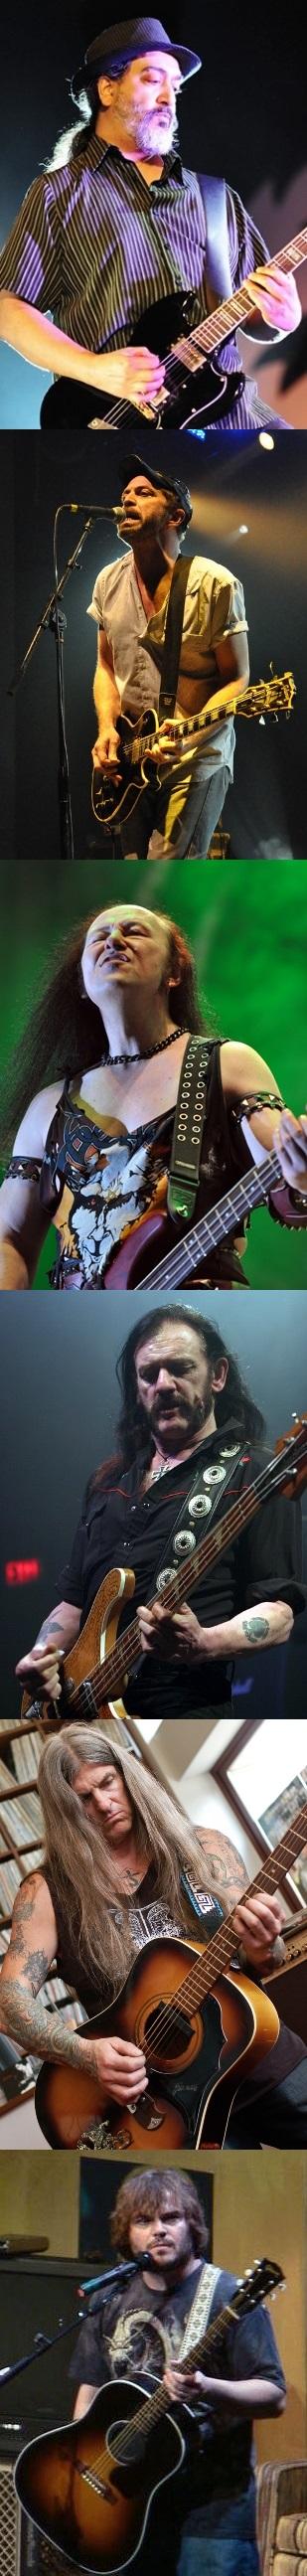 Probot guitarists.jpg